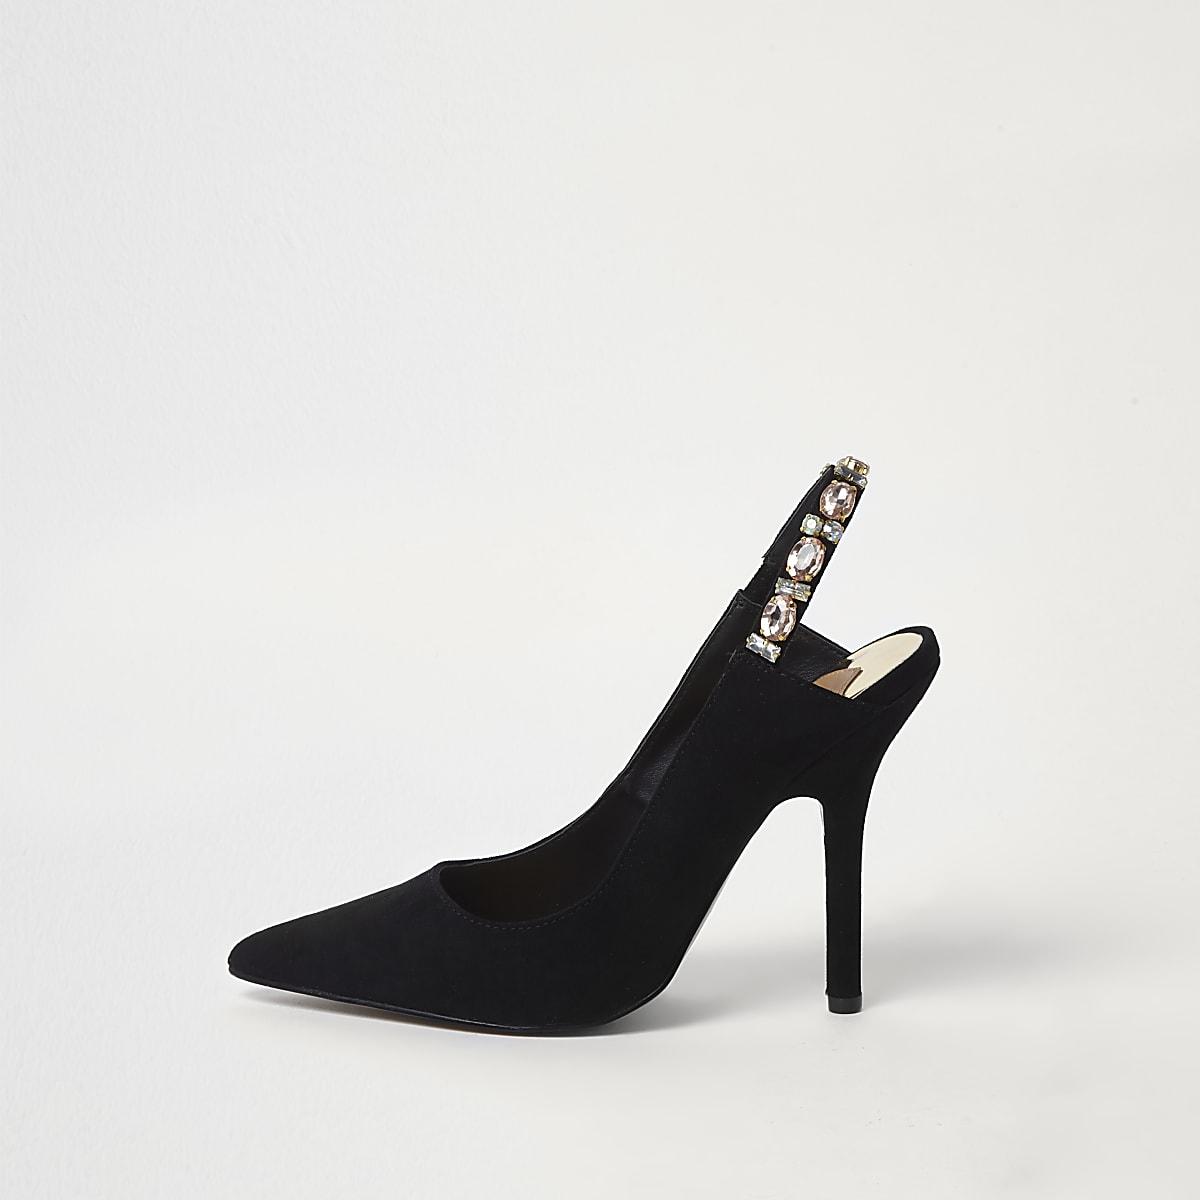 966c6606a4a Black jewel slingback court shoes - Shoes - Shoes   Boots - women